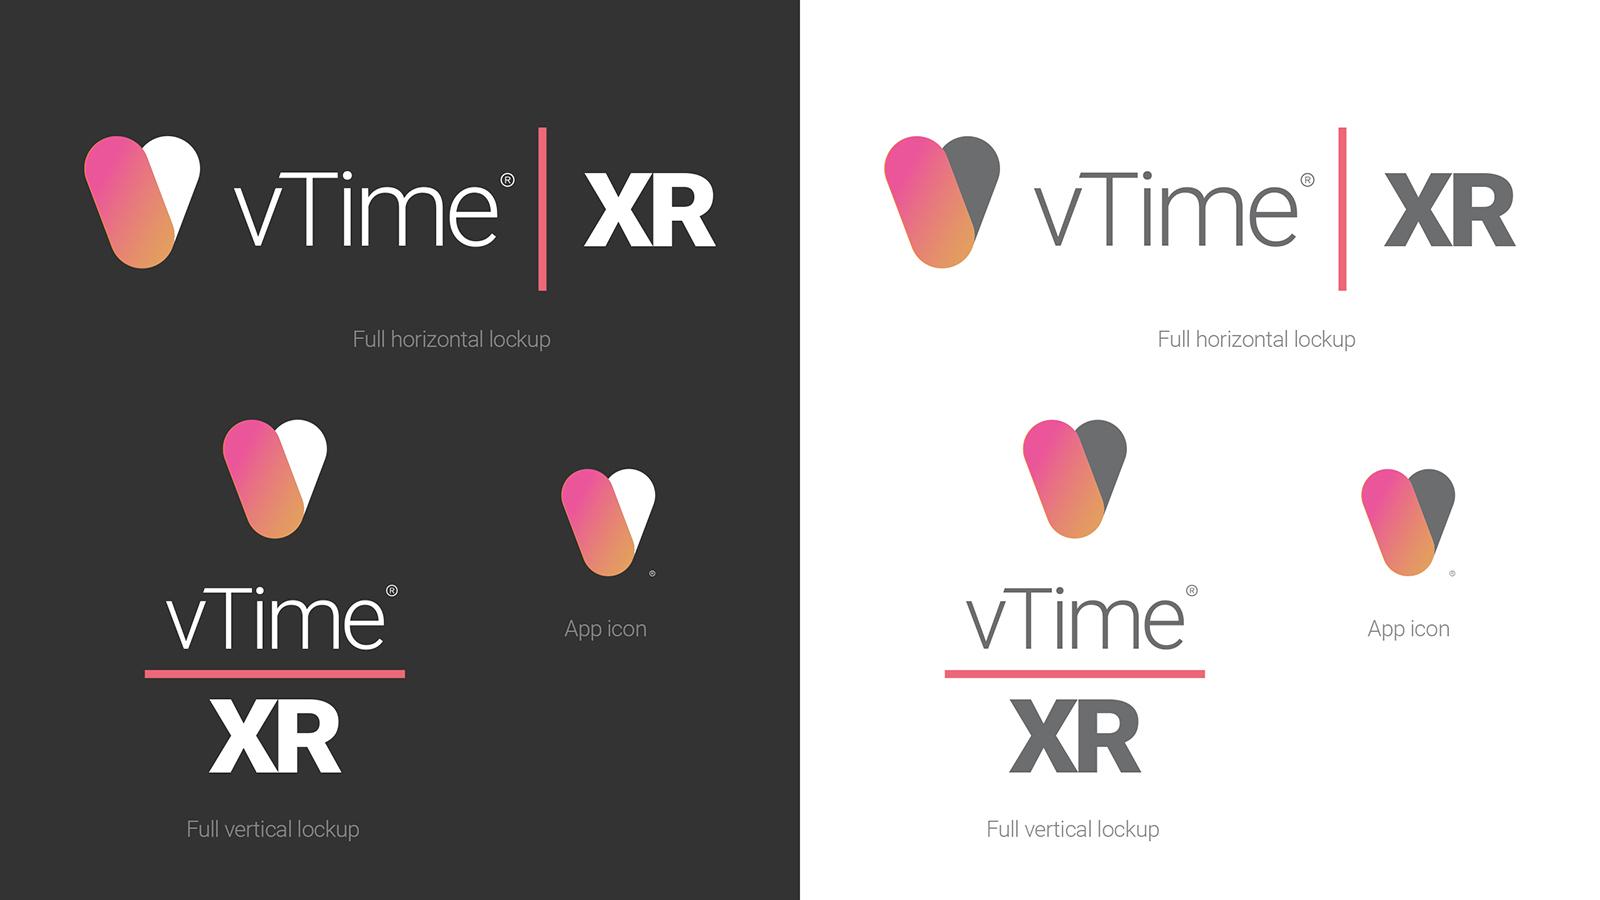 New Vtime Xr Logo Colour Split